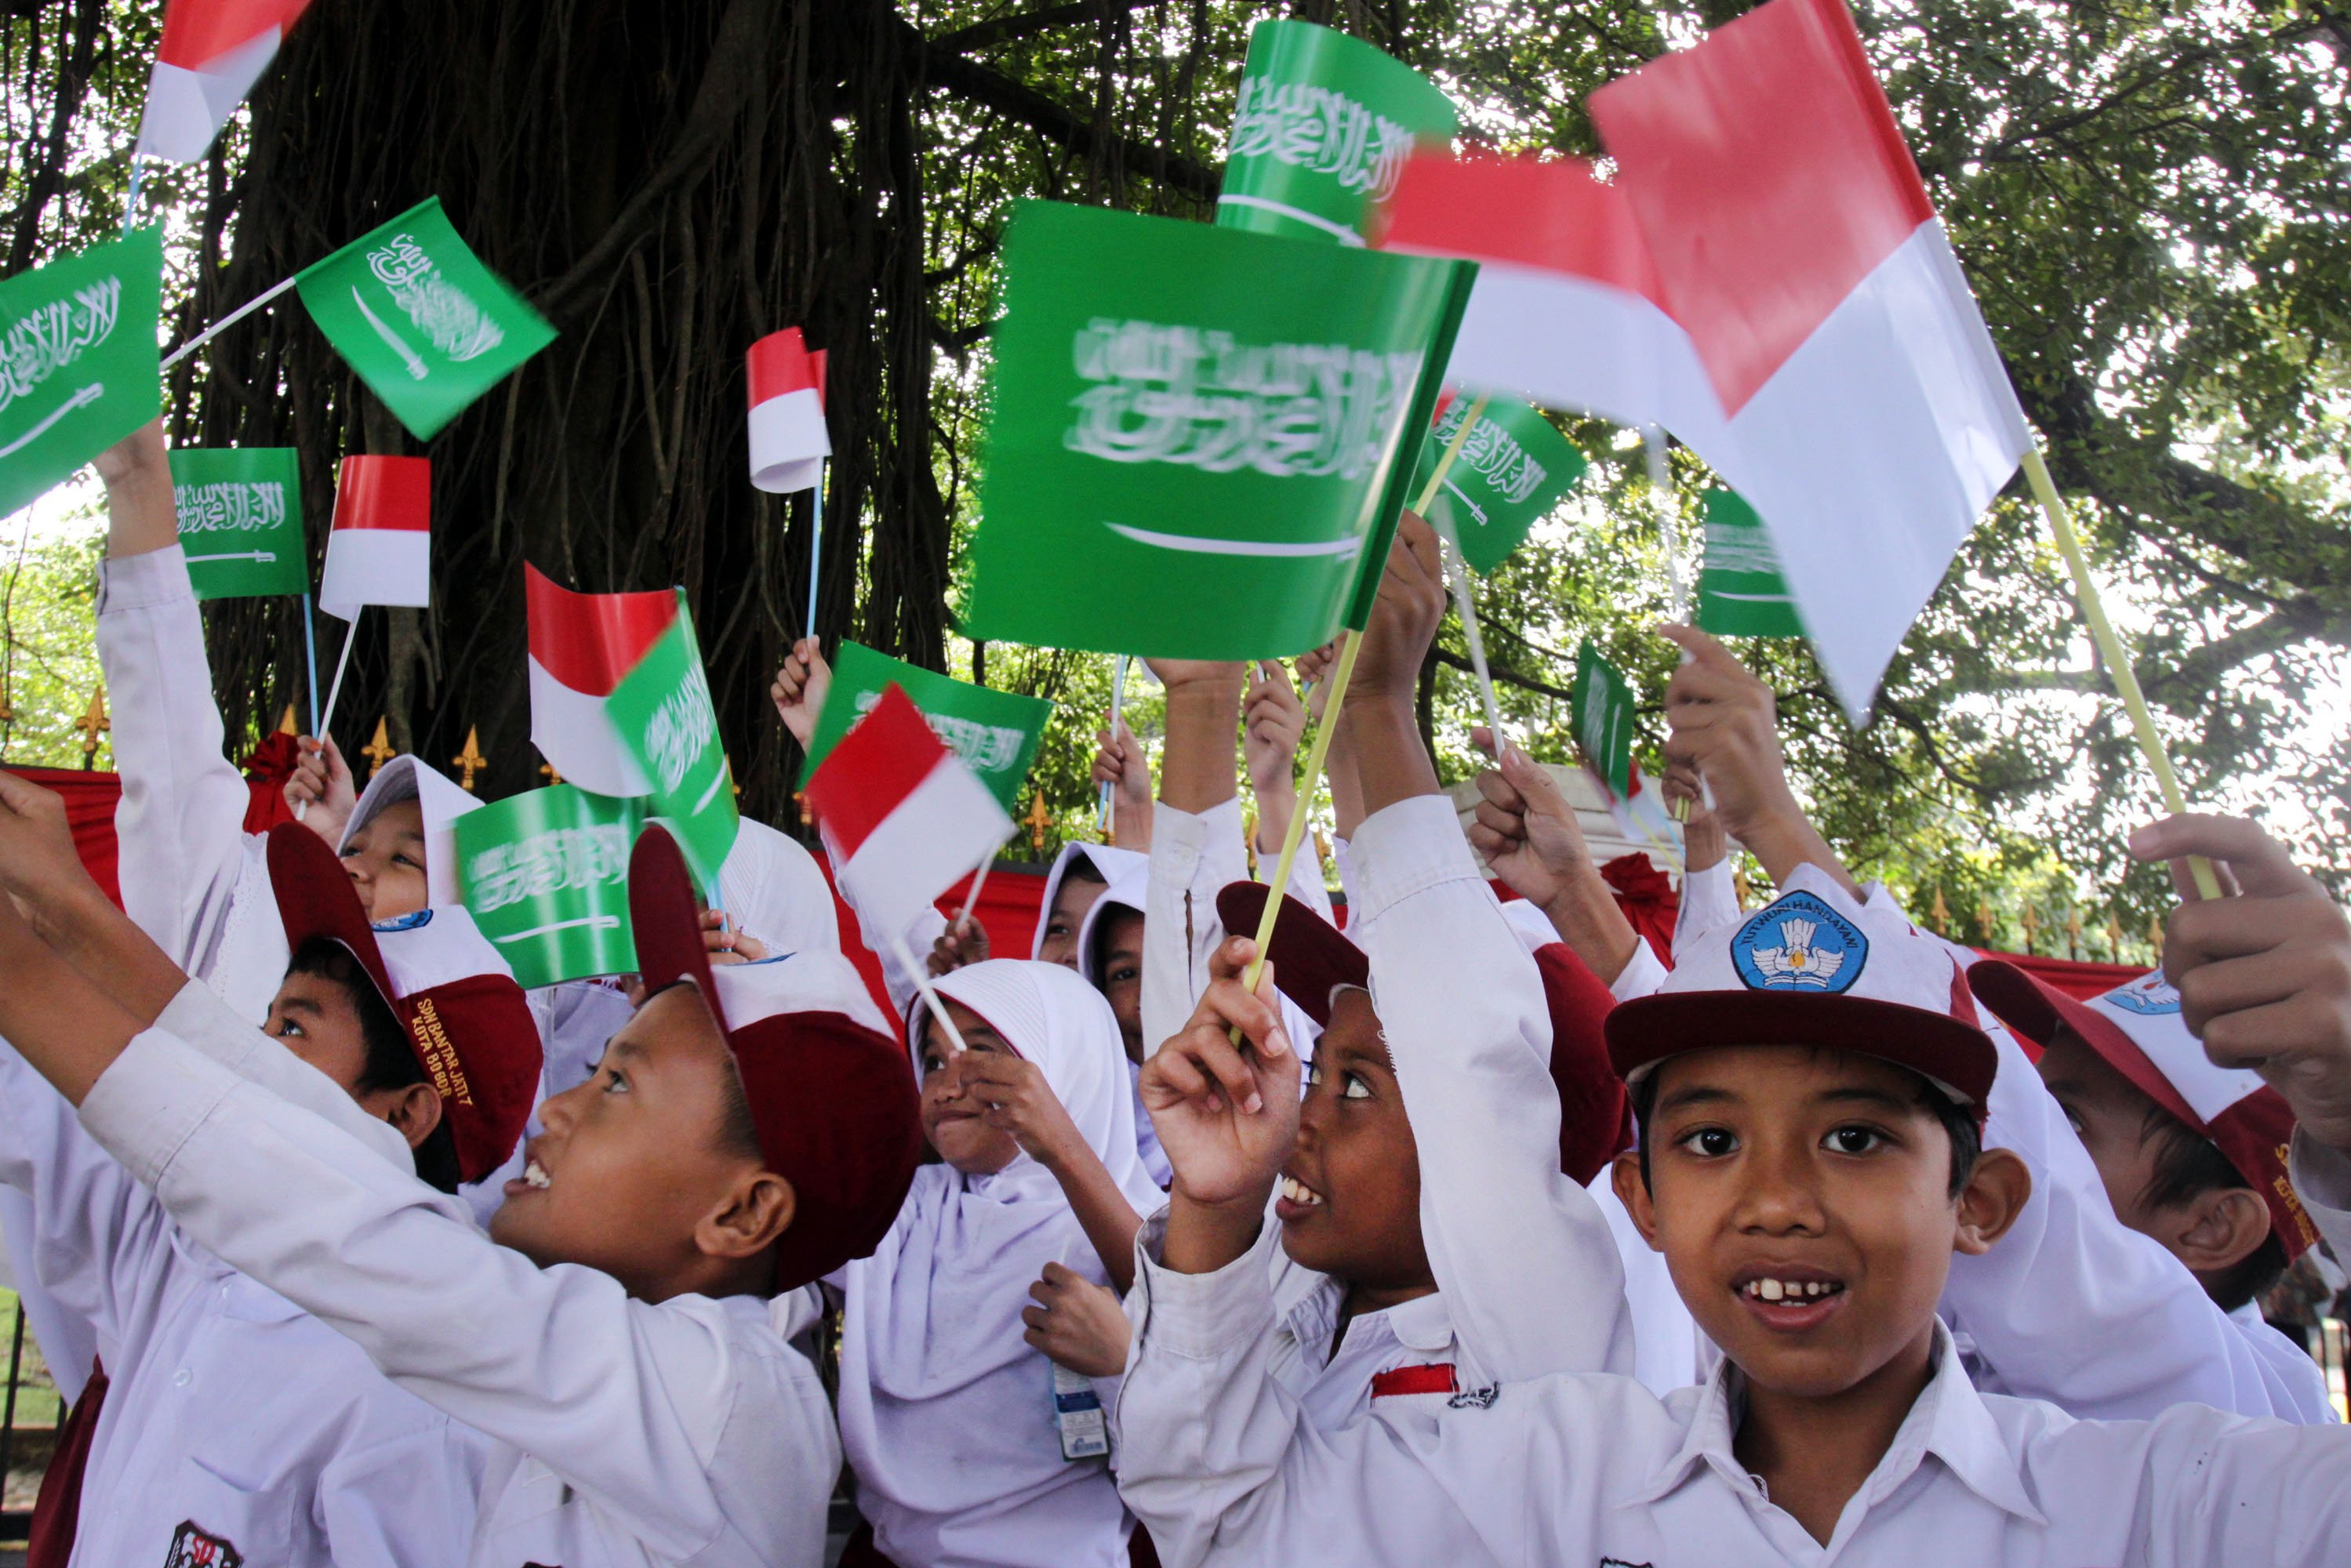 Sejumlah siswa Sekolah Dasar (SD) memegang bendera untuk menyambut kedatangan Raja Salman di sekitar Istana Bogor, Kota Bogor, Jawa Barat, Rabu (1/3). Warga Bogor antusias menyambut kedatangan Raja Arab Saudi, Salman bin Abdulaziz al-Saud dalam kunjungannya ke Istana Bogor.